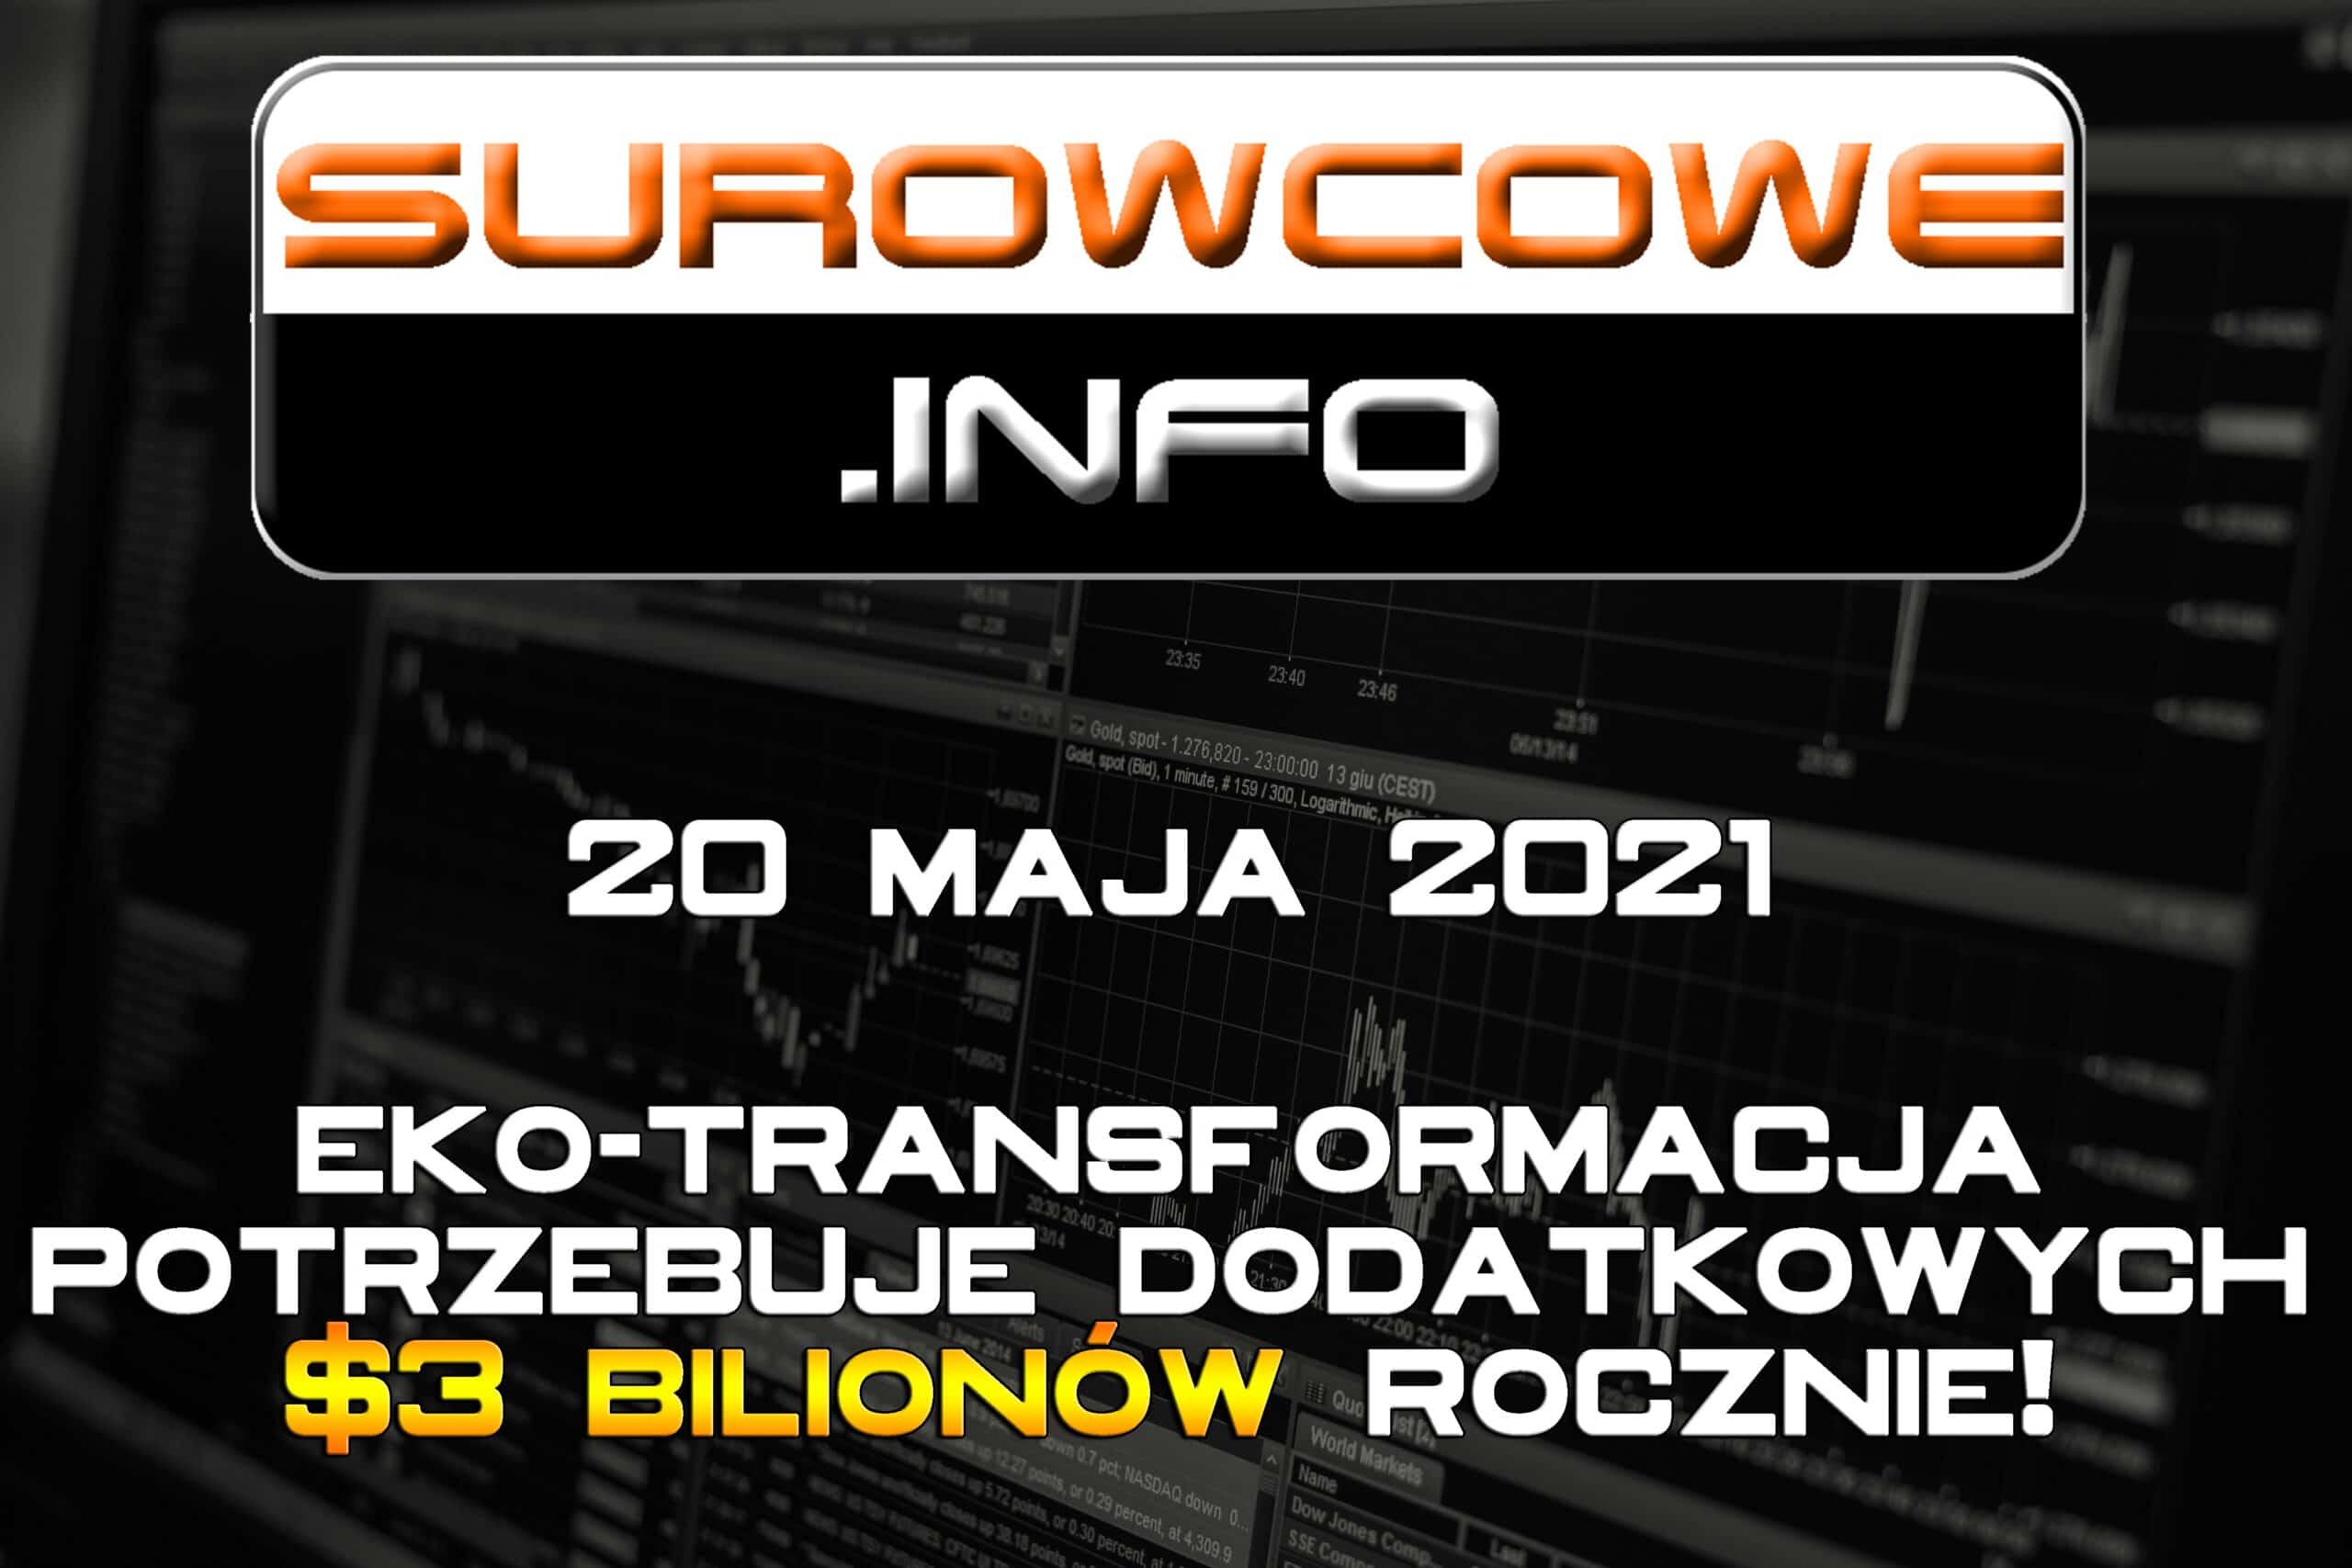 Surowcowe.info 20 maja 2021